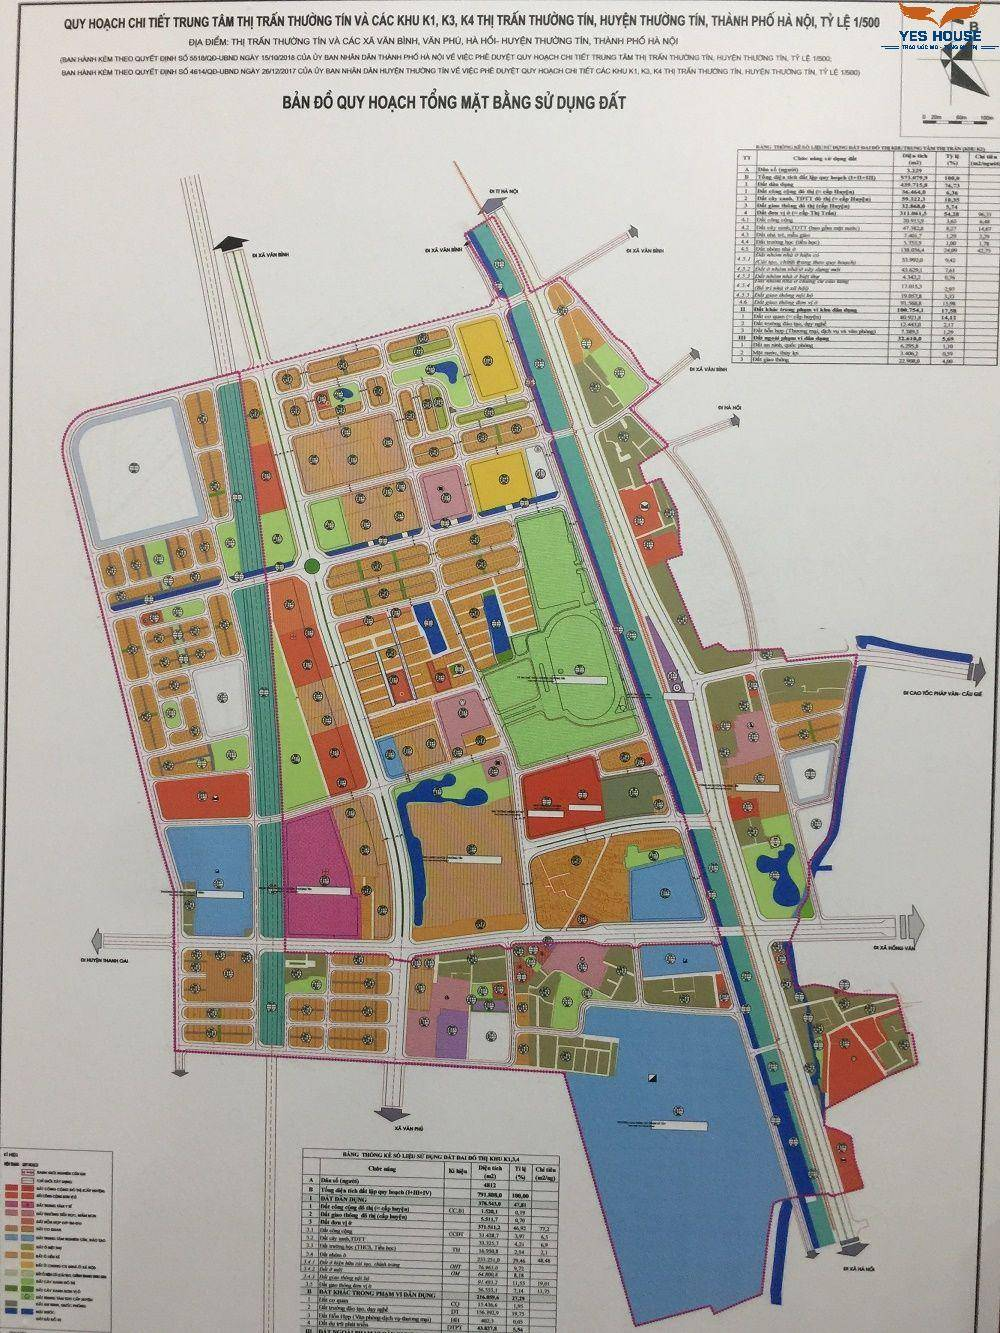 Bản đồ quy hoạch 1 500 tổng mặt bằng sử dụng đất Thường Tín - yeshouse